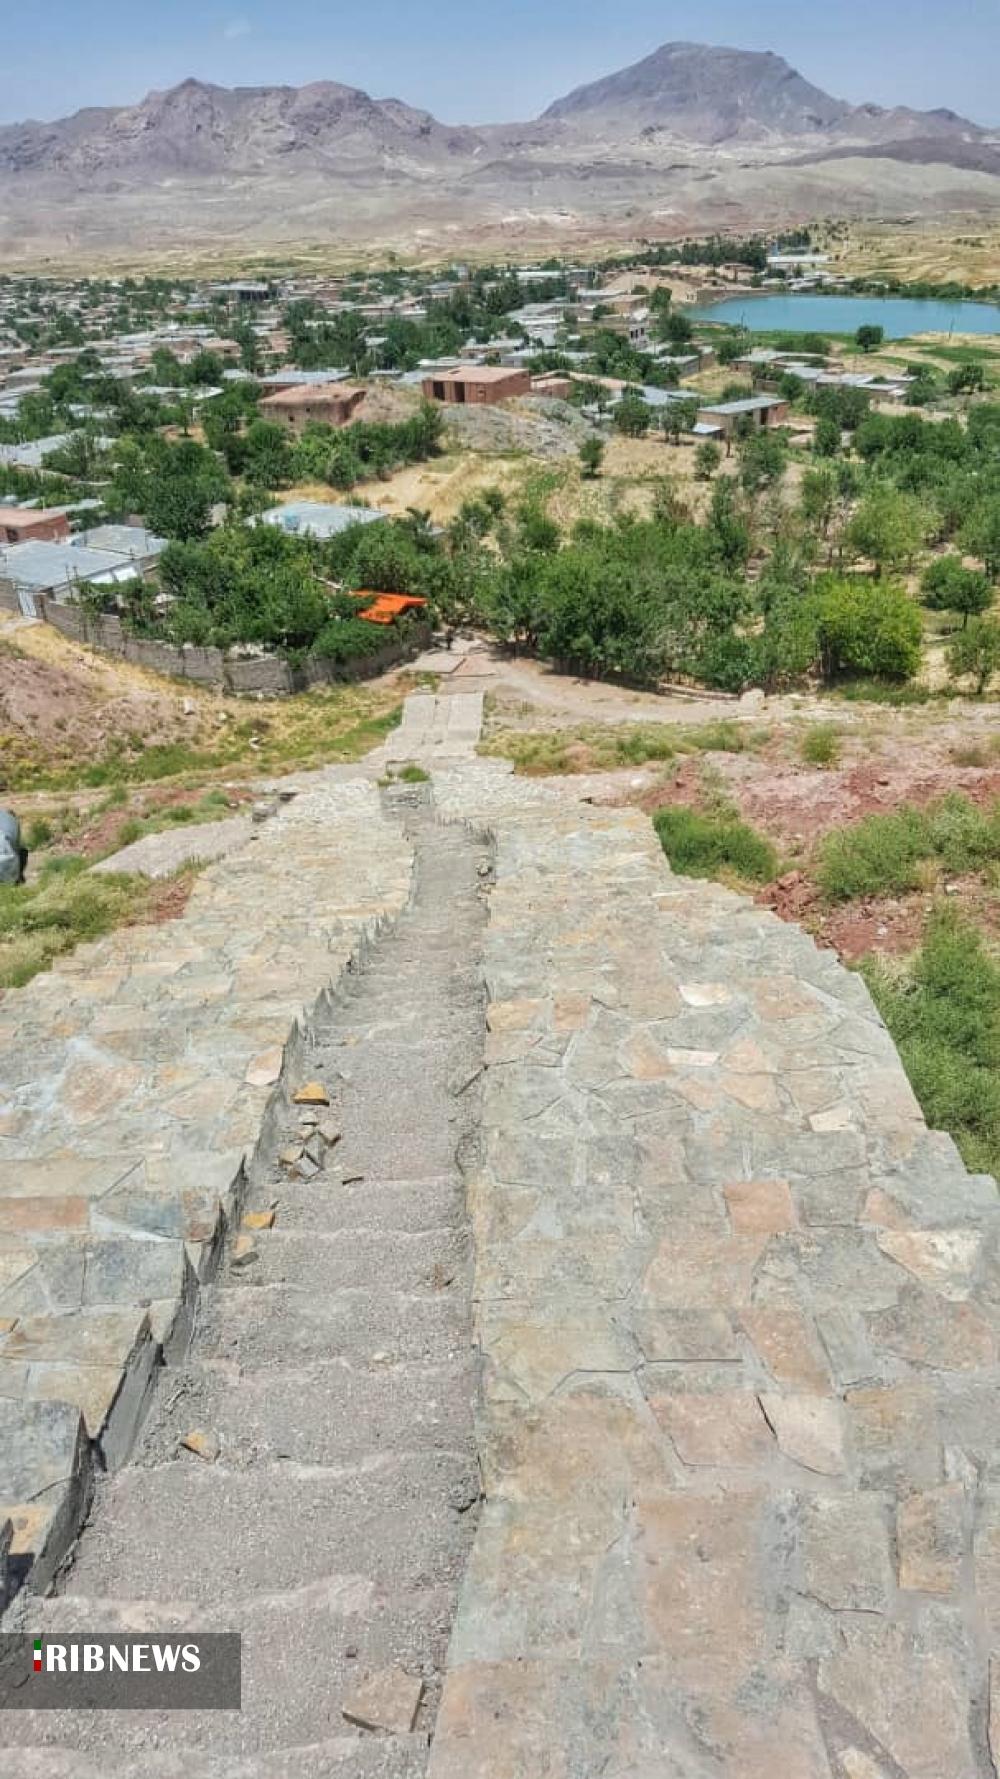 اتمام عملیات اجرایی طرح گردشگری روستای بیهود قاین